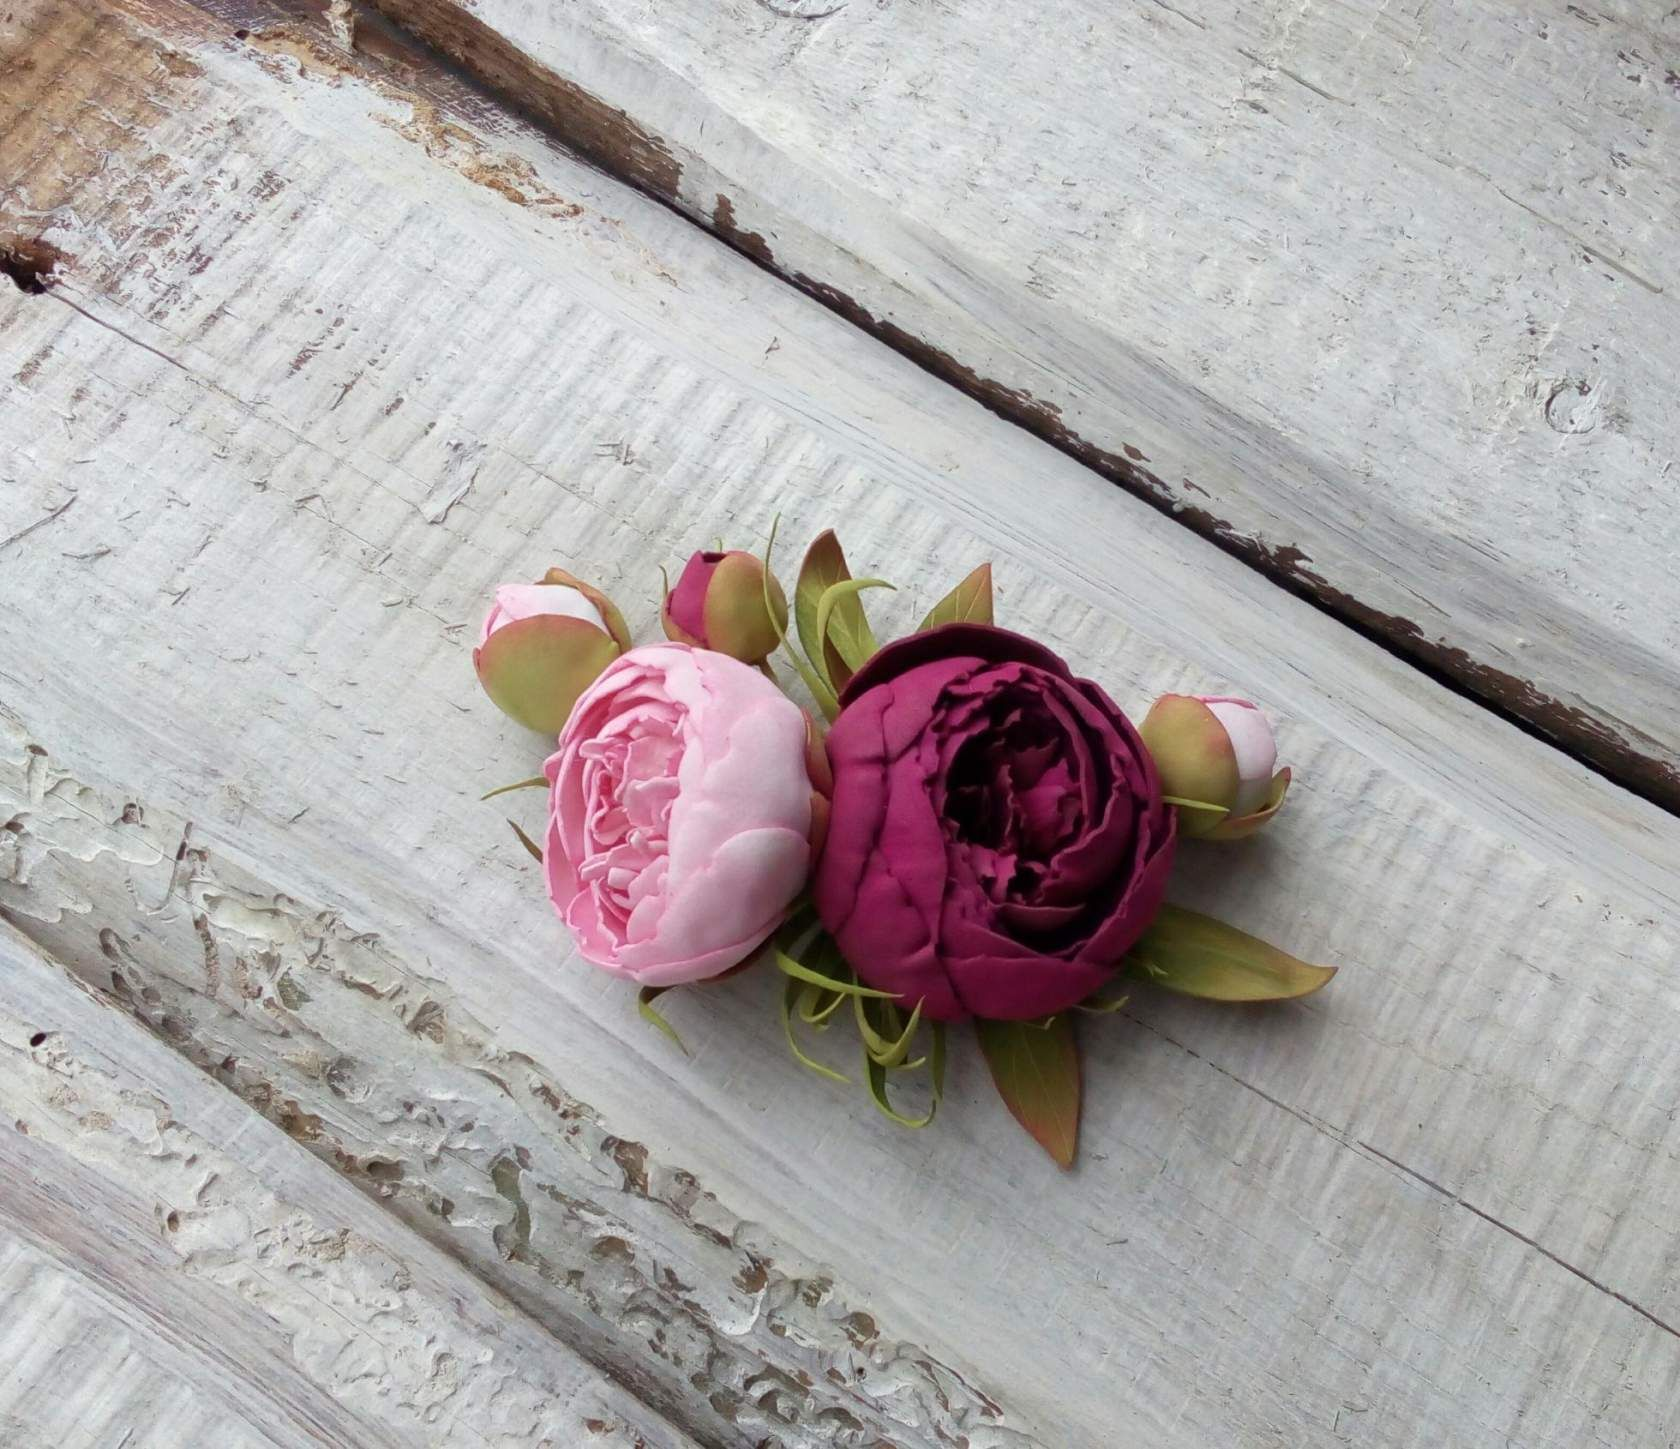 Фотографирование цветов из фома